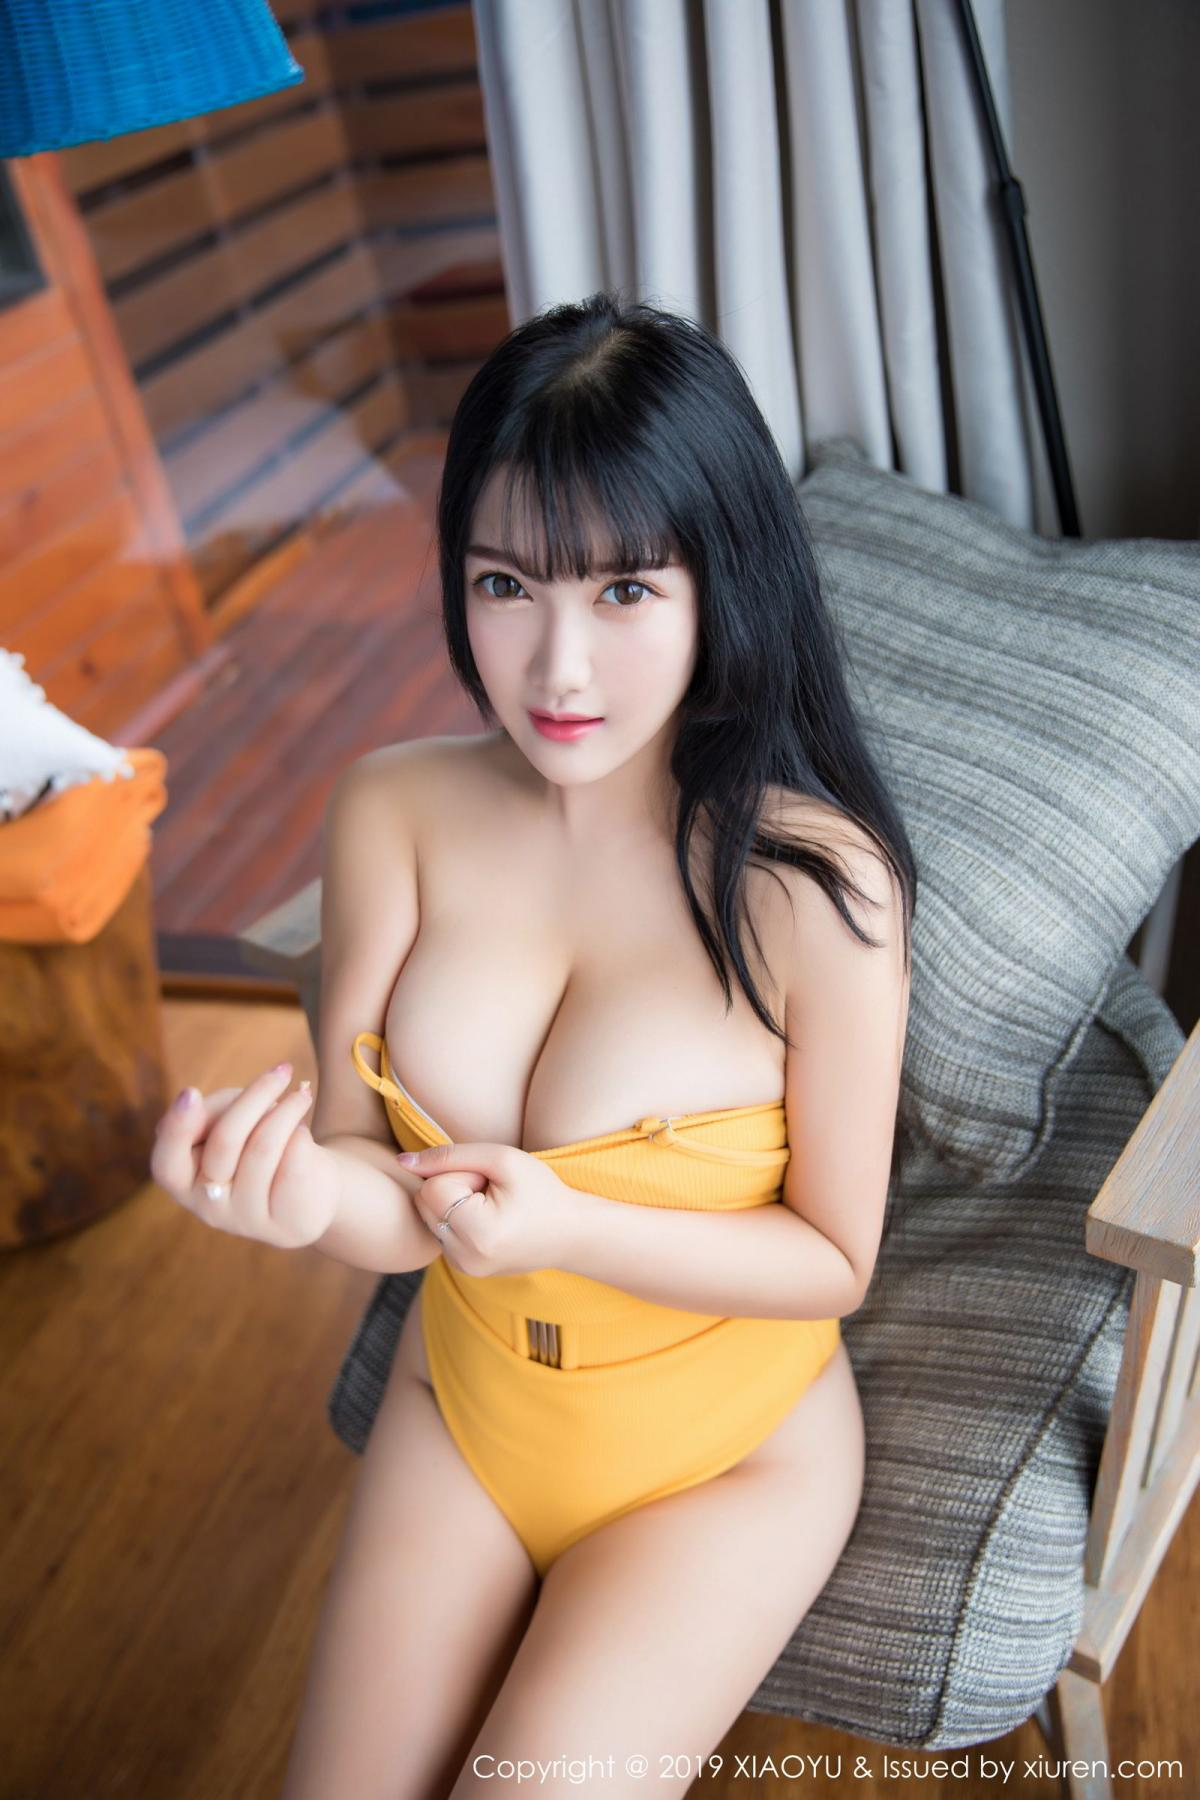 [XiaoYu] Vol.111 Lu Lu Xiao Miao